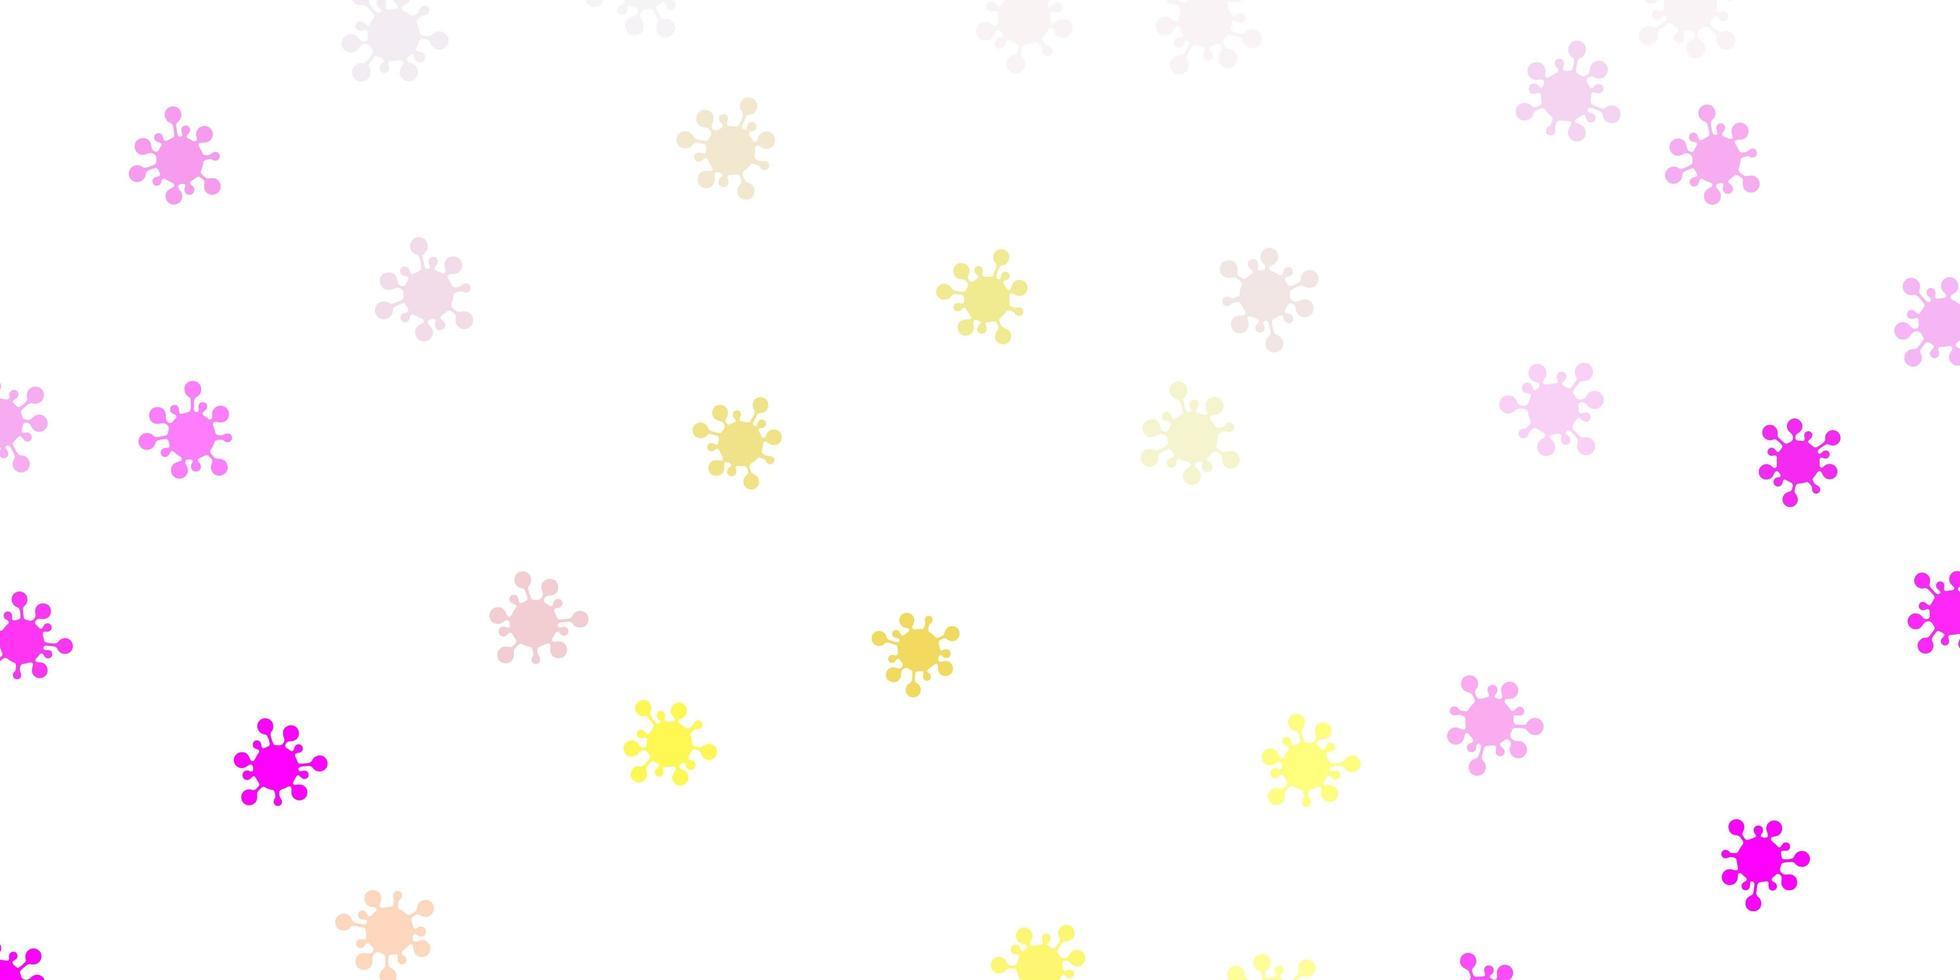 lichtroze, gele vectorachtergrond met virussymbolen vector